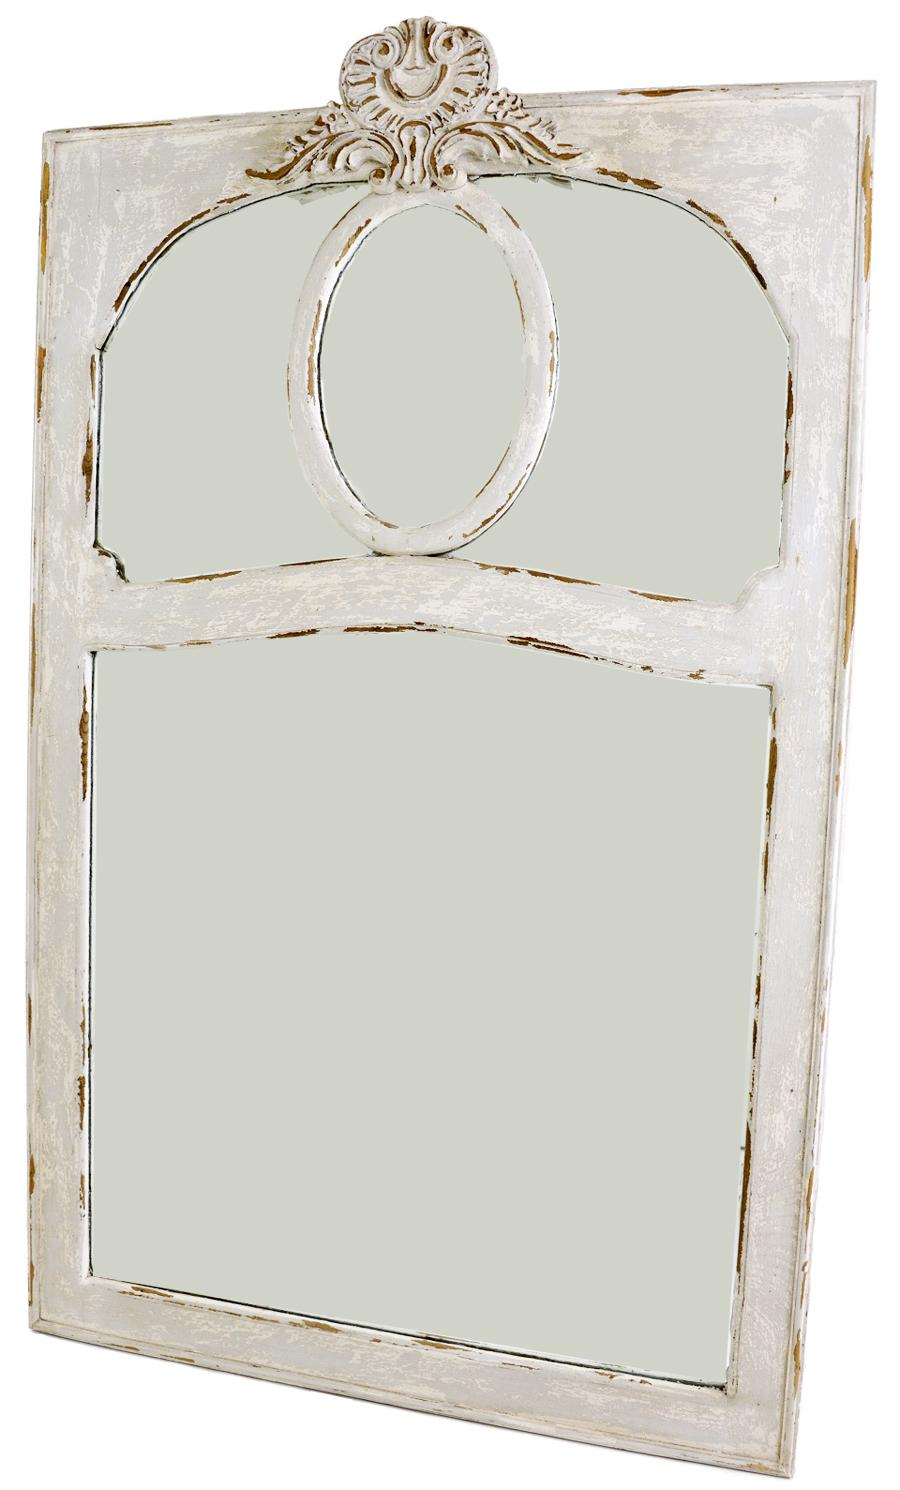 Trumeau Mirror-$1,098.00